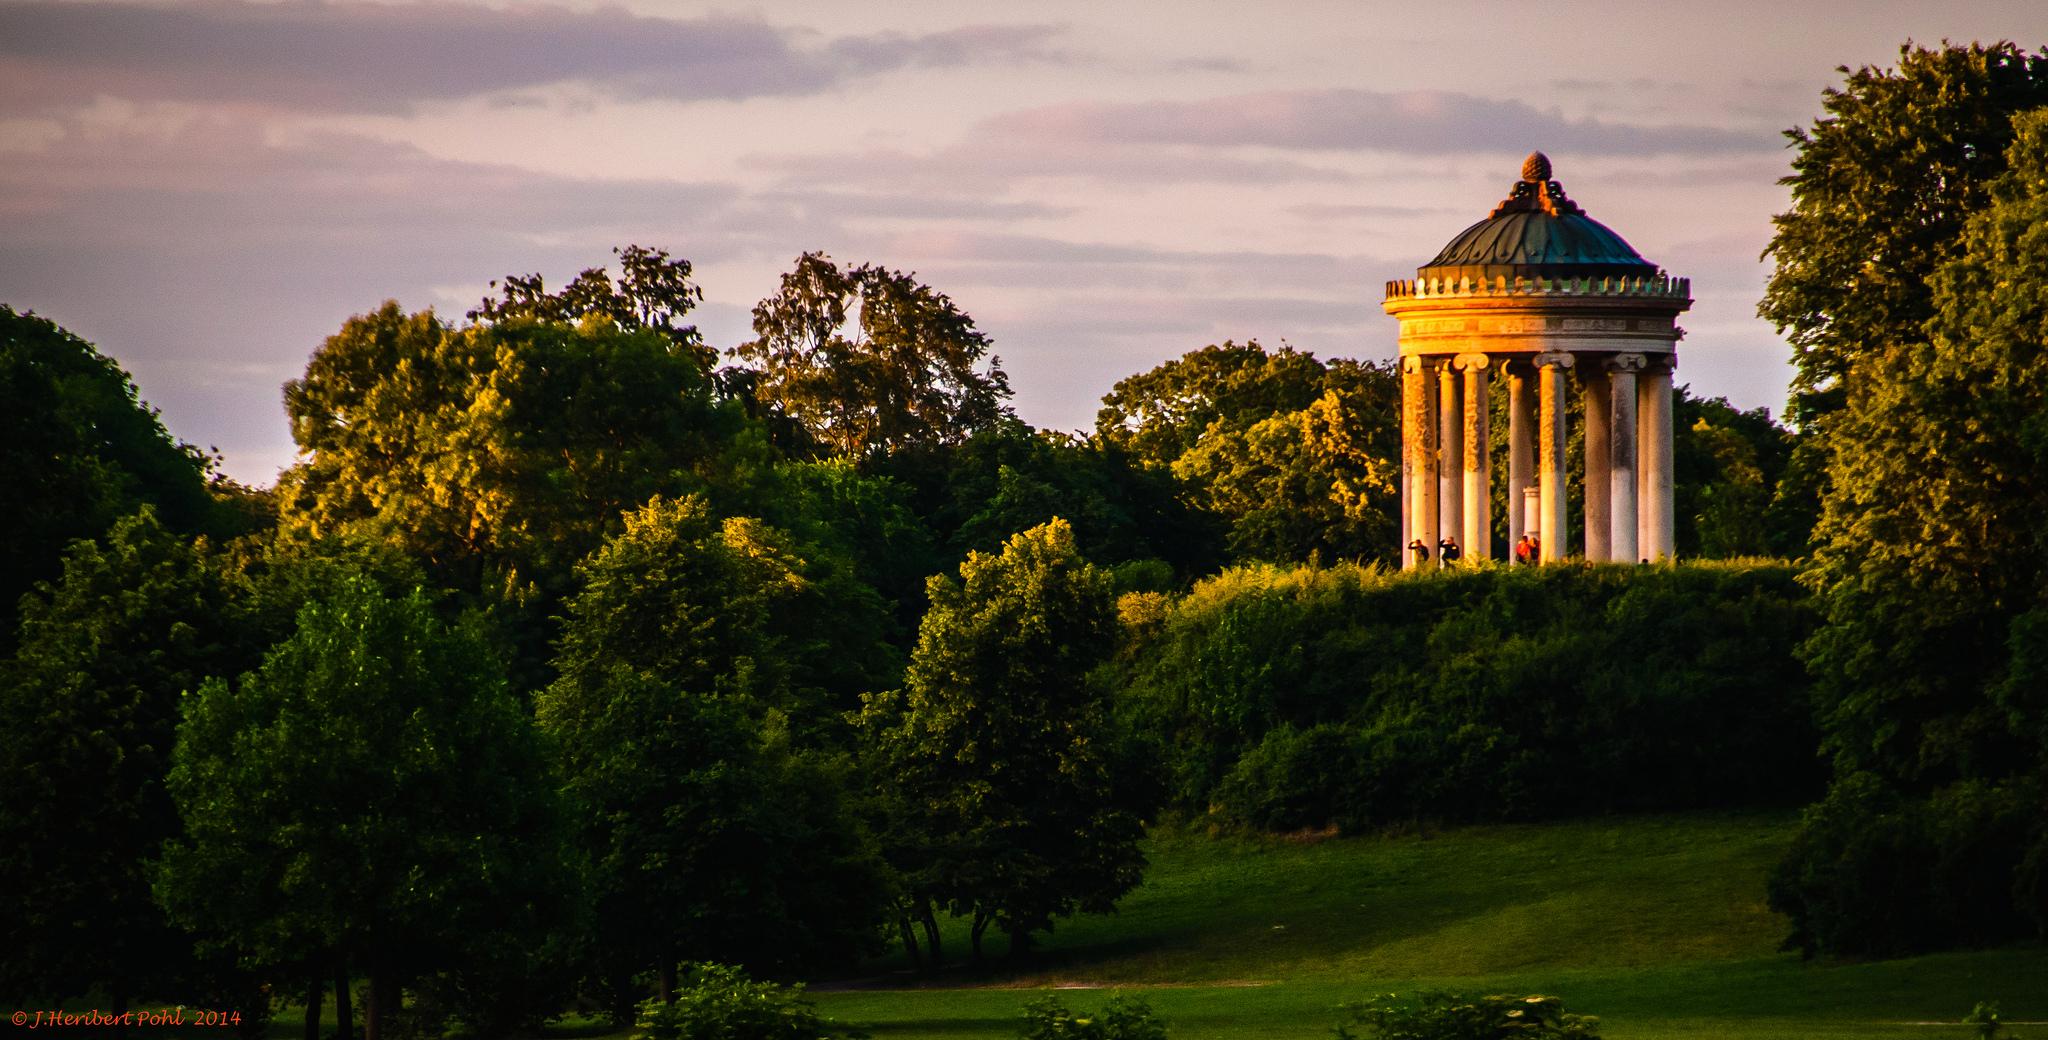 Englischer Garten Ein Tag Im Grünen Ausflugstipp Für Kinder In